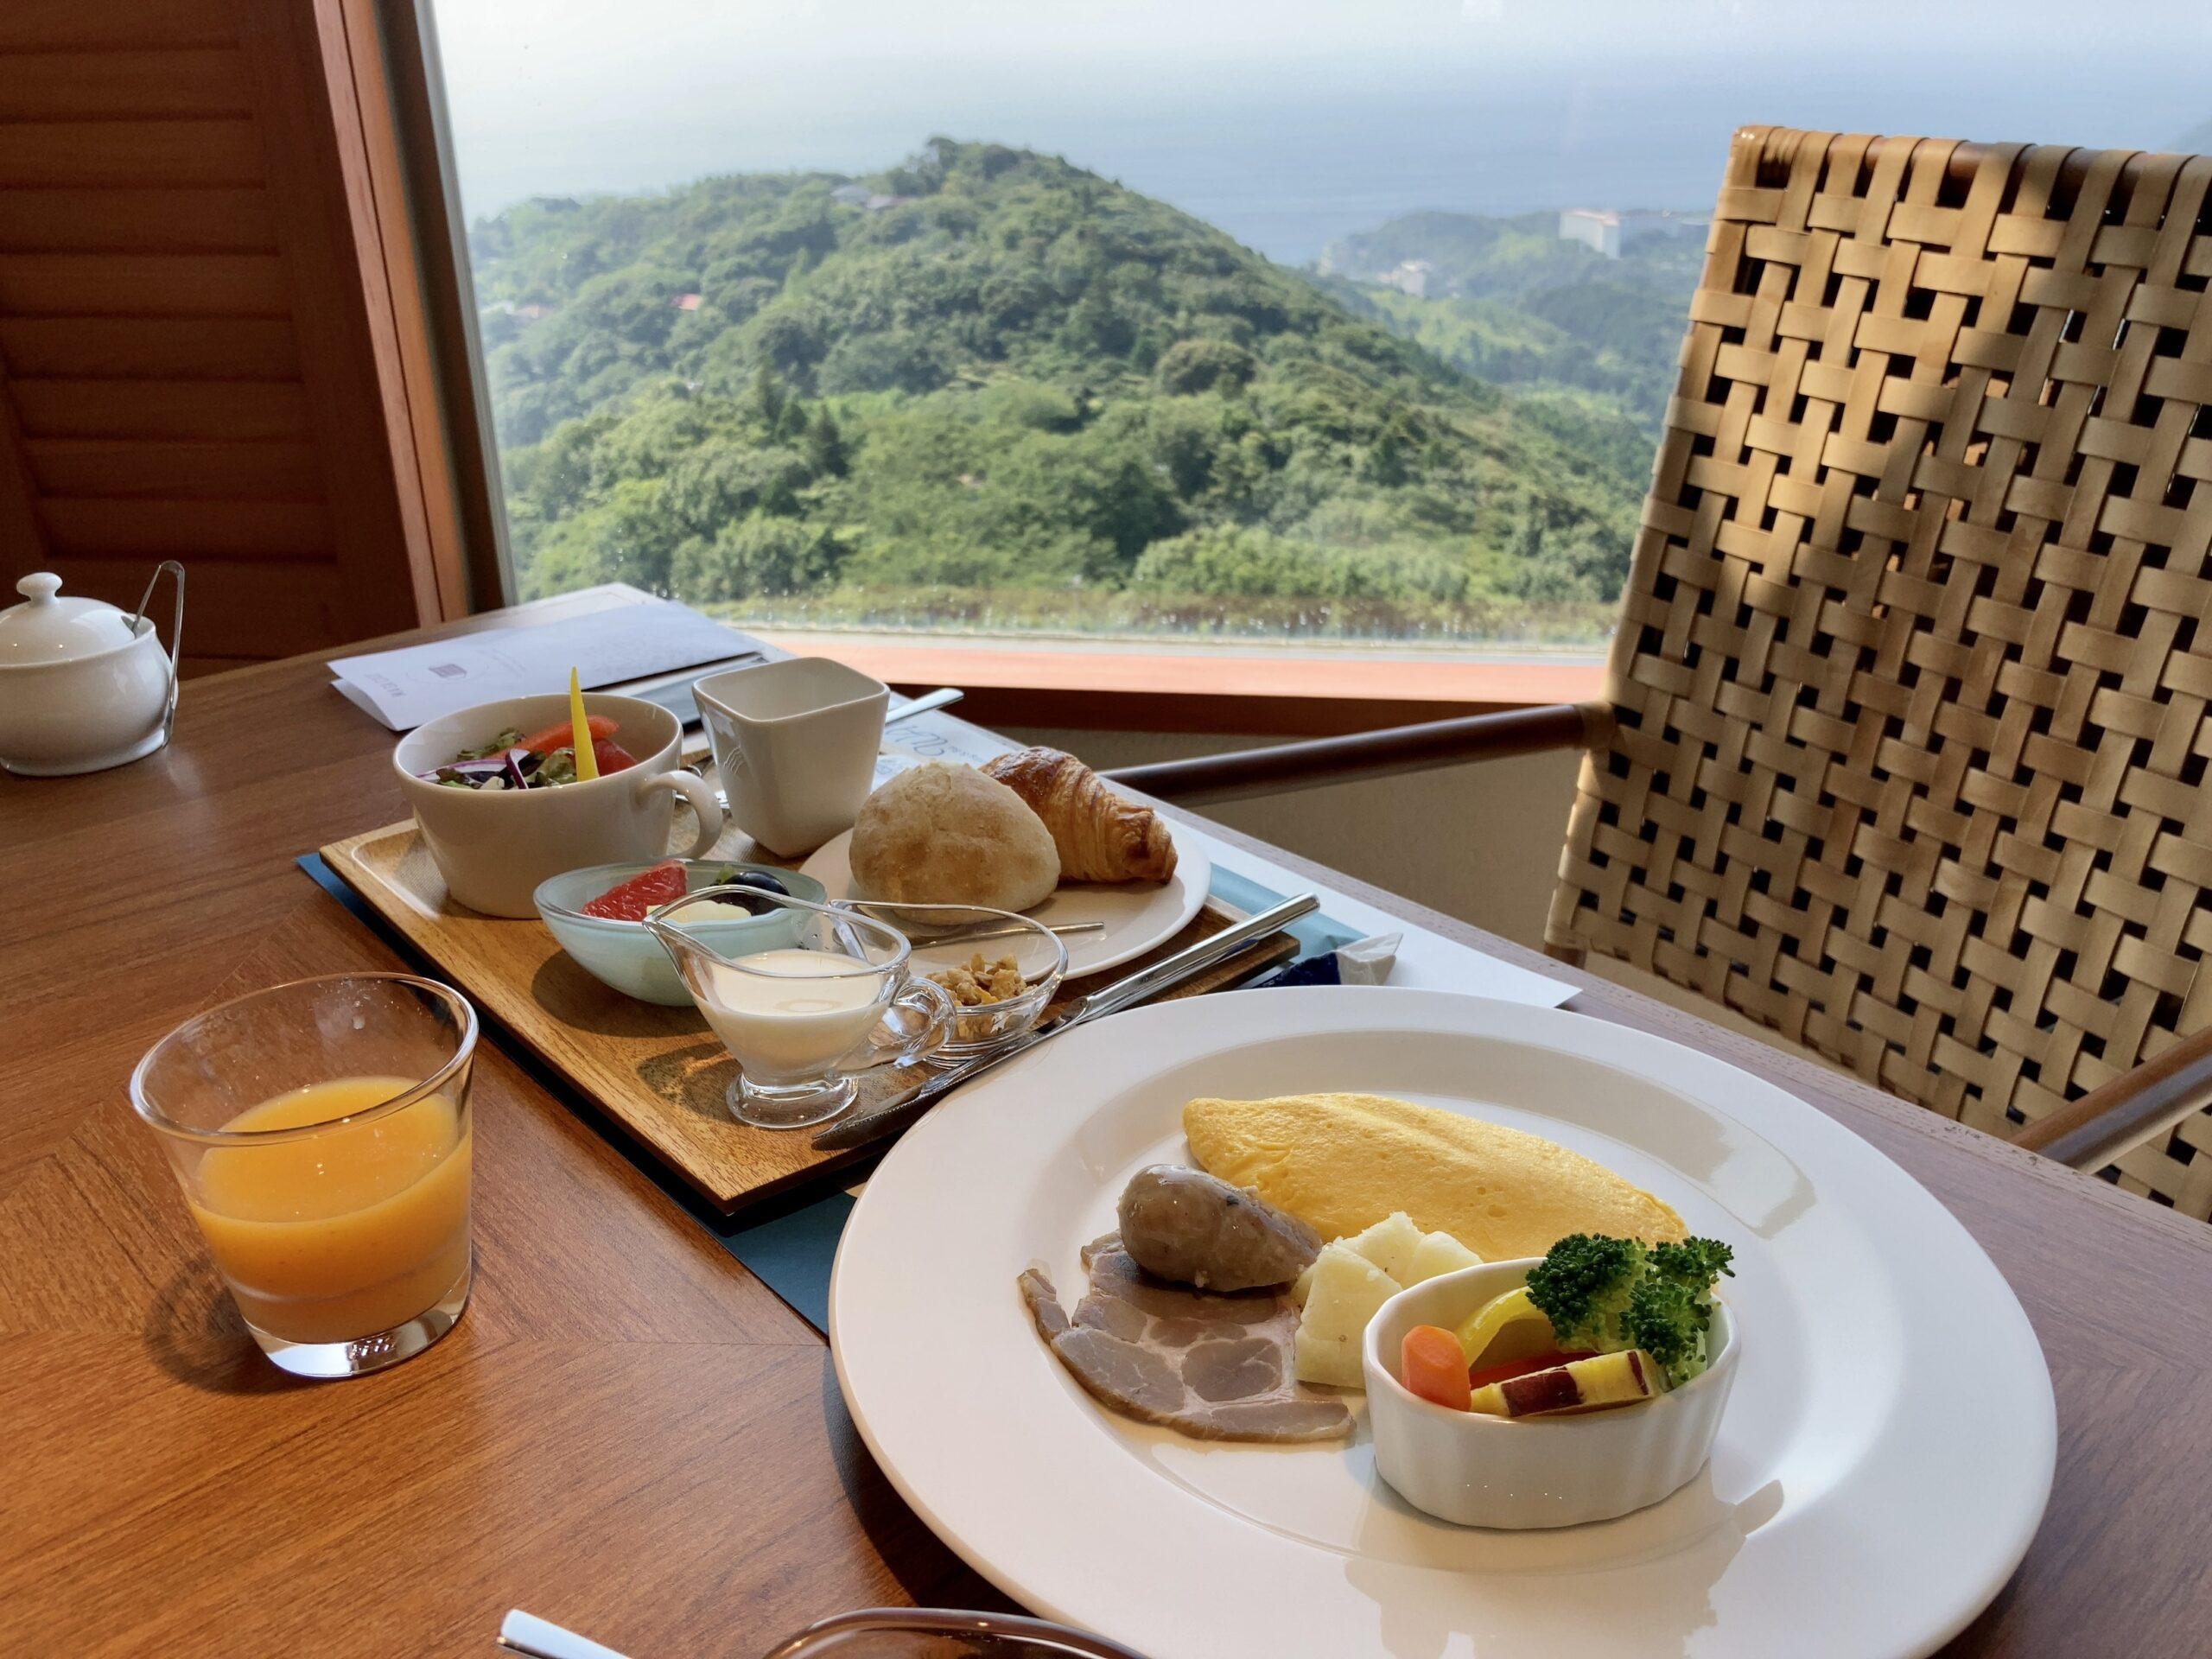 「伊豆ホテルリゾート&スパ」での朝食写真